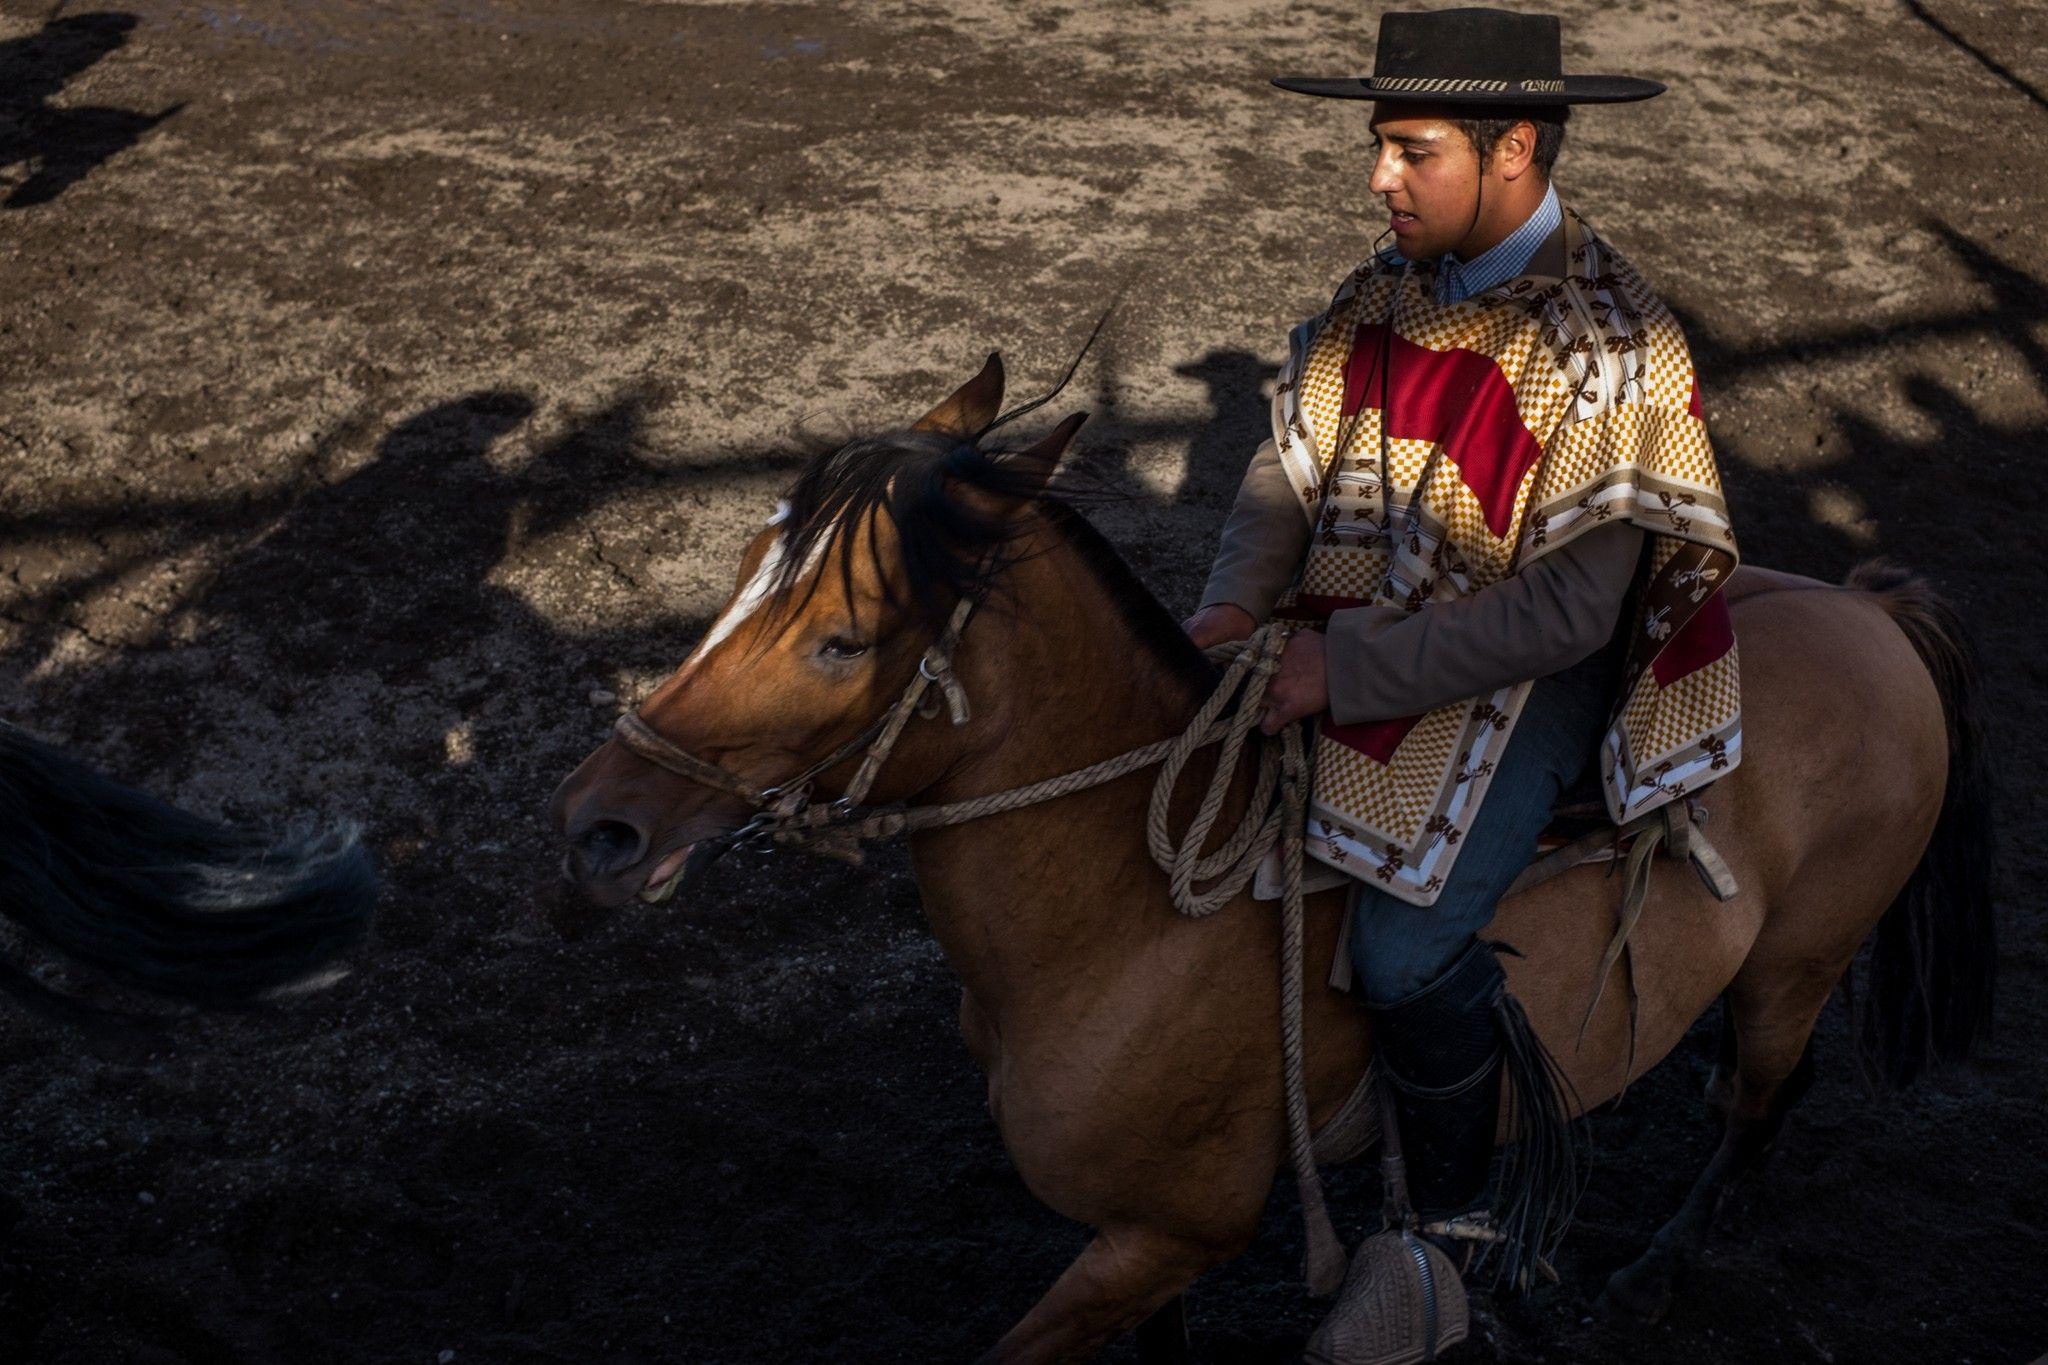 Découvrez en images les traditions de la Patagonie chilienne | National Geographic